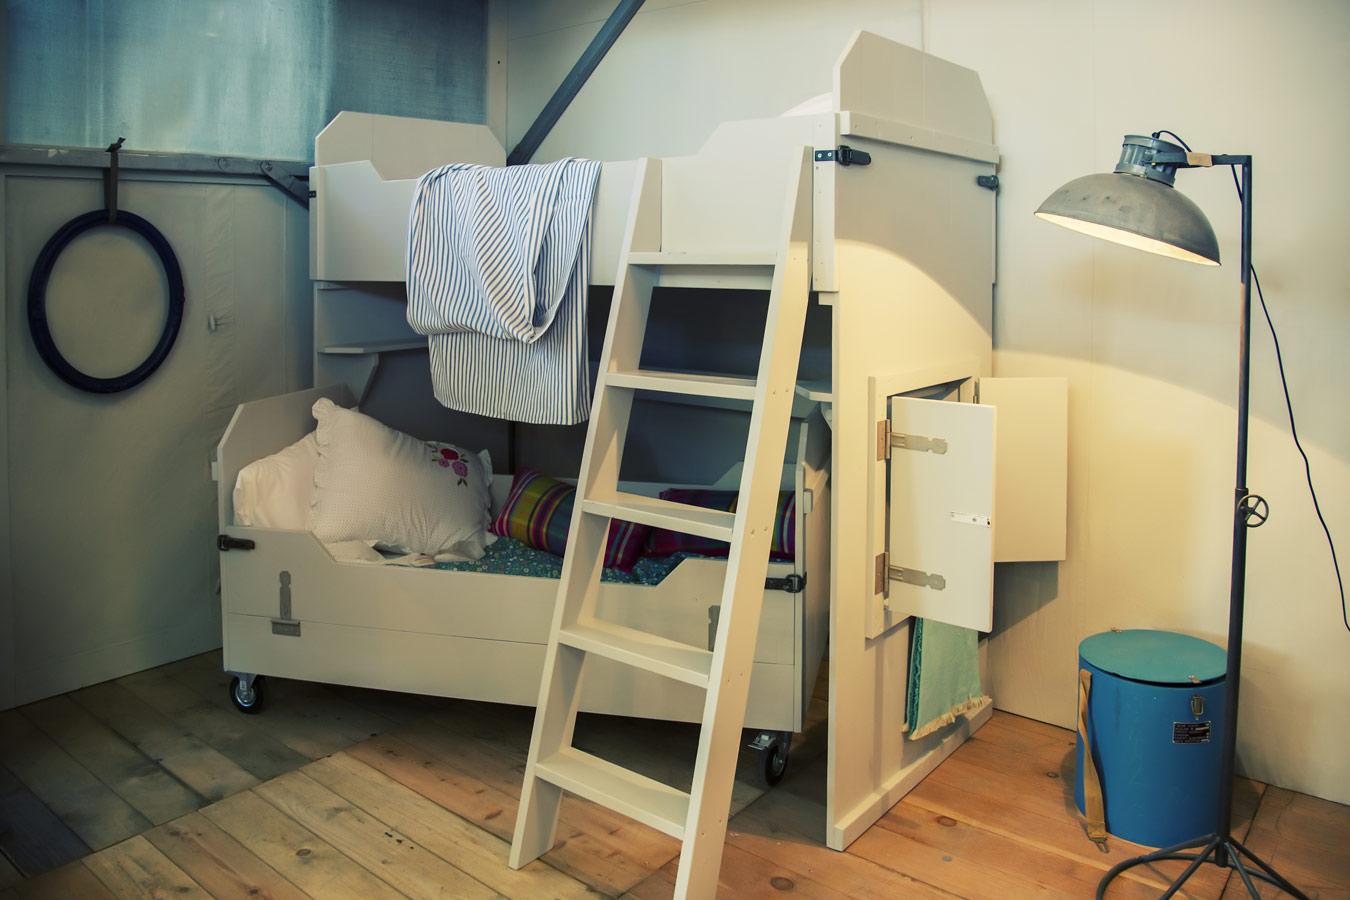 Idee n voor habbo kamers slaapkamers slaapkamer idee n om zo bij weg te dromen - Tapijt idee voor volwassen kamer ...